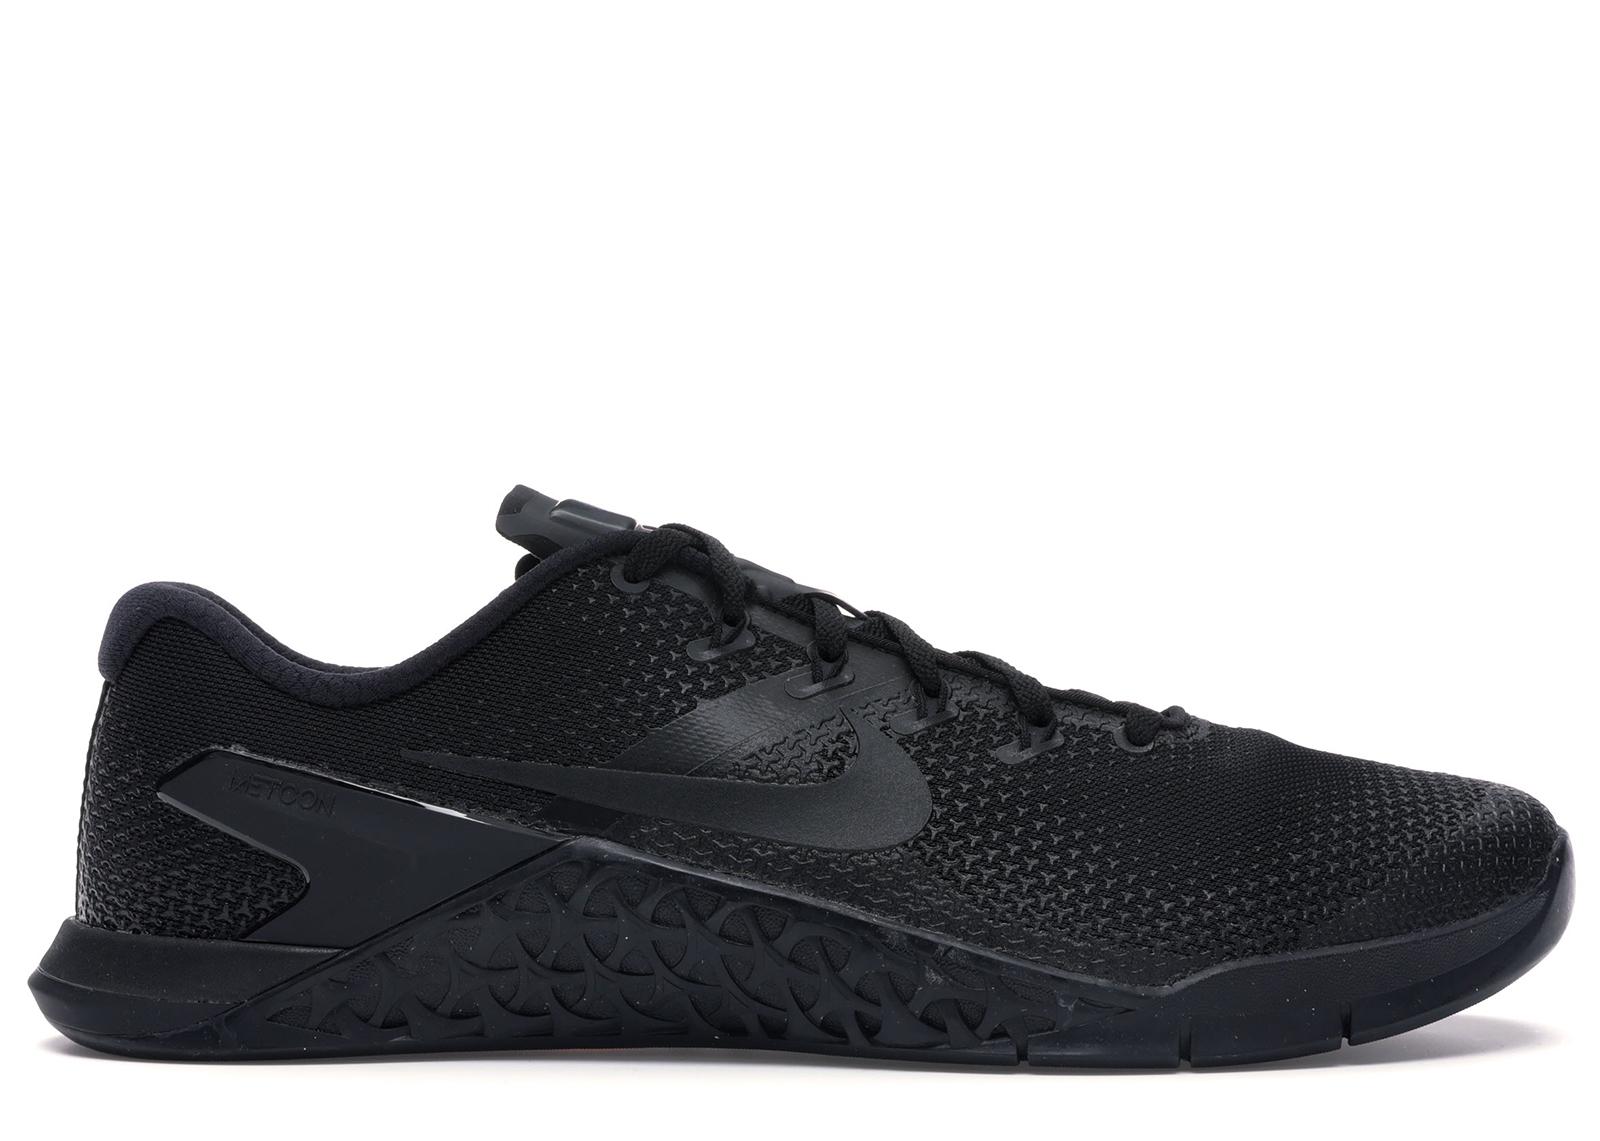 Nike Metcon 4 Triple Black - AH7453-001